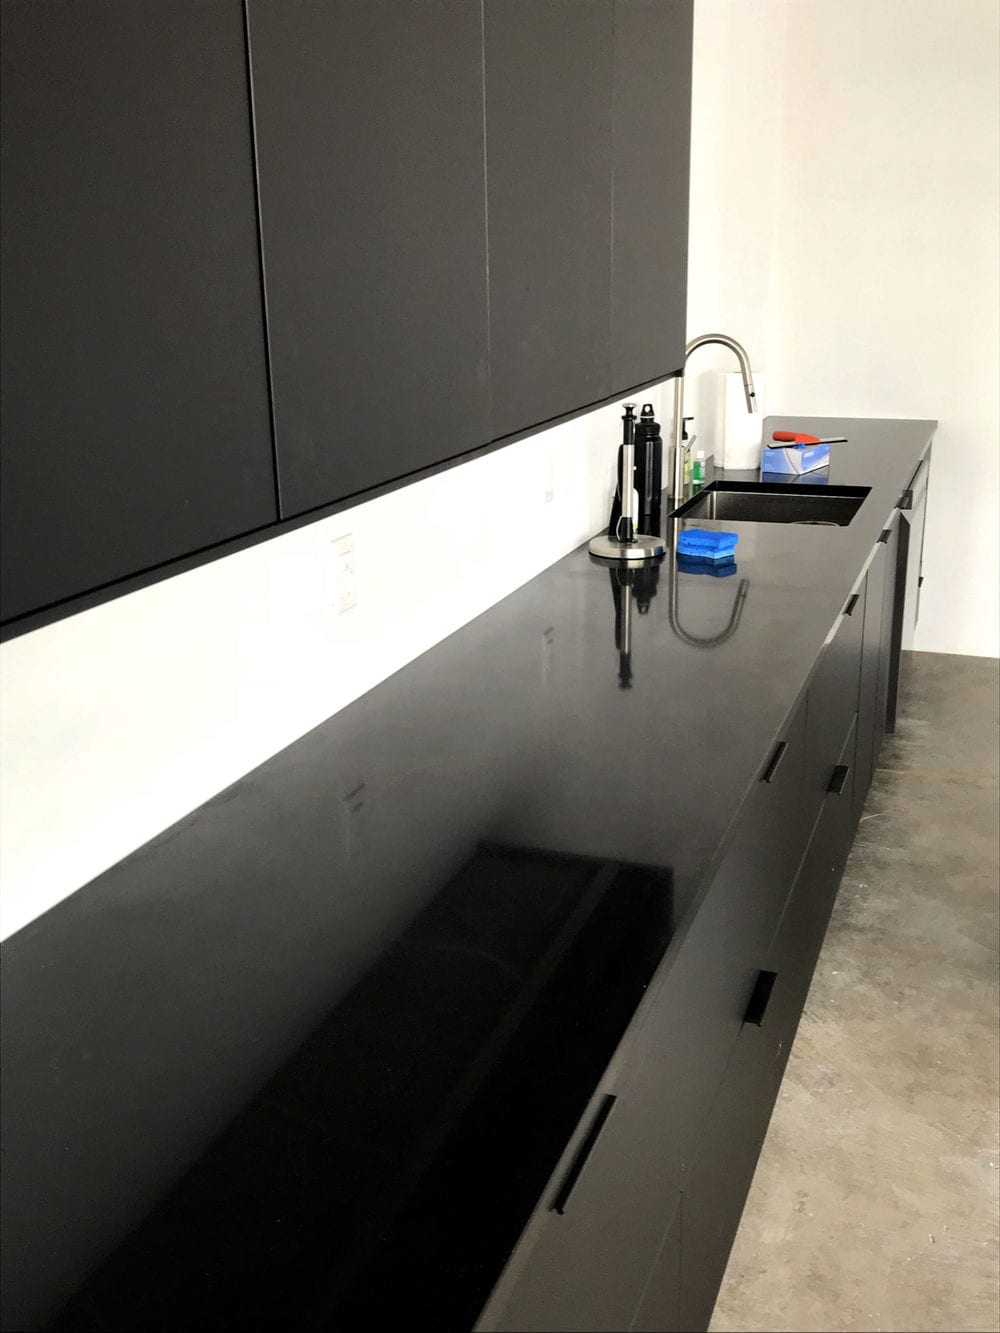 QuartzStone kitchen countertop